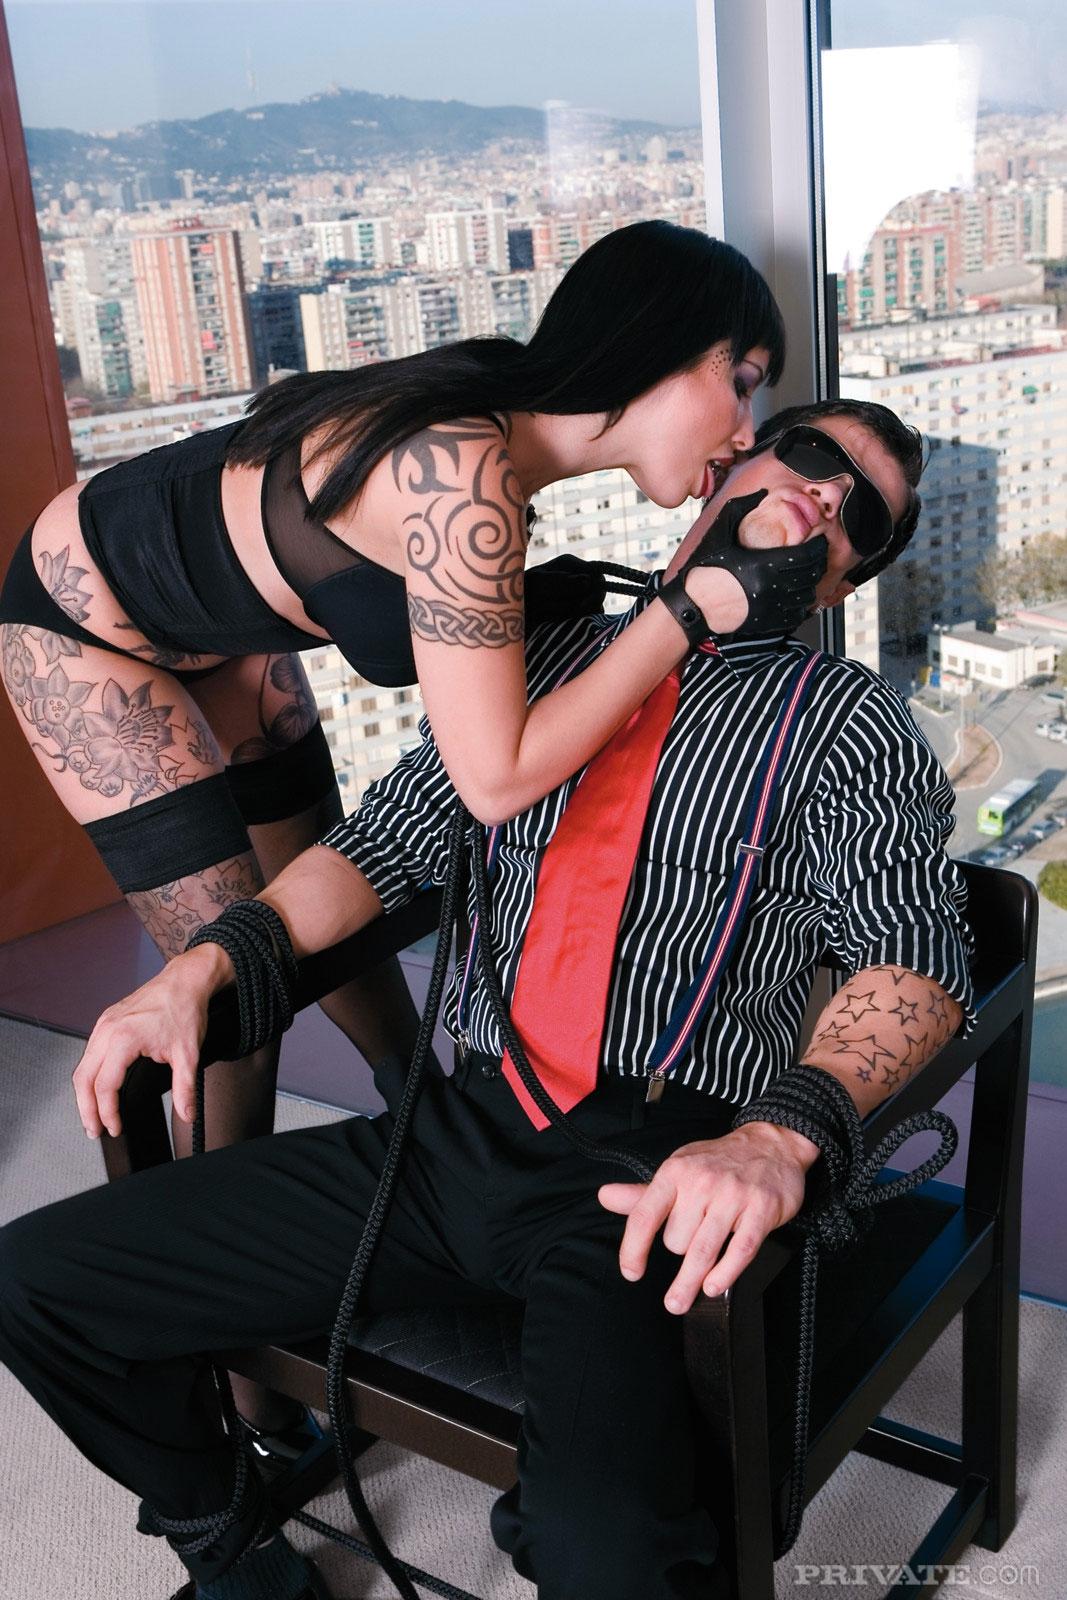 Фото фетишисты ебля, актрисы секс видео